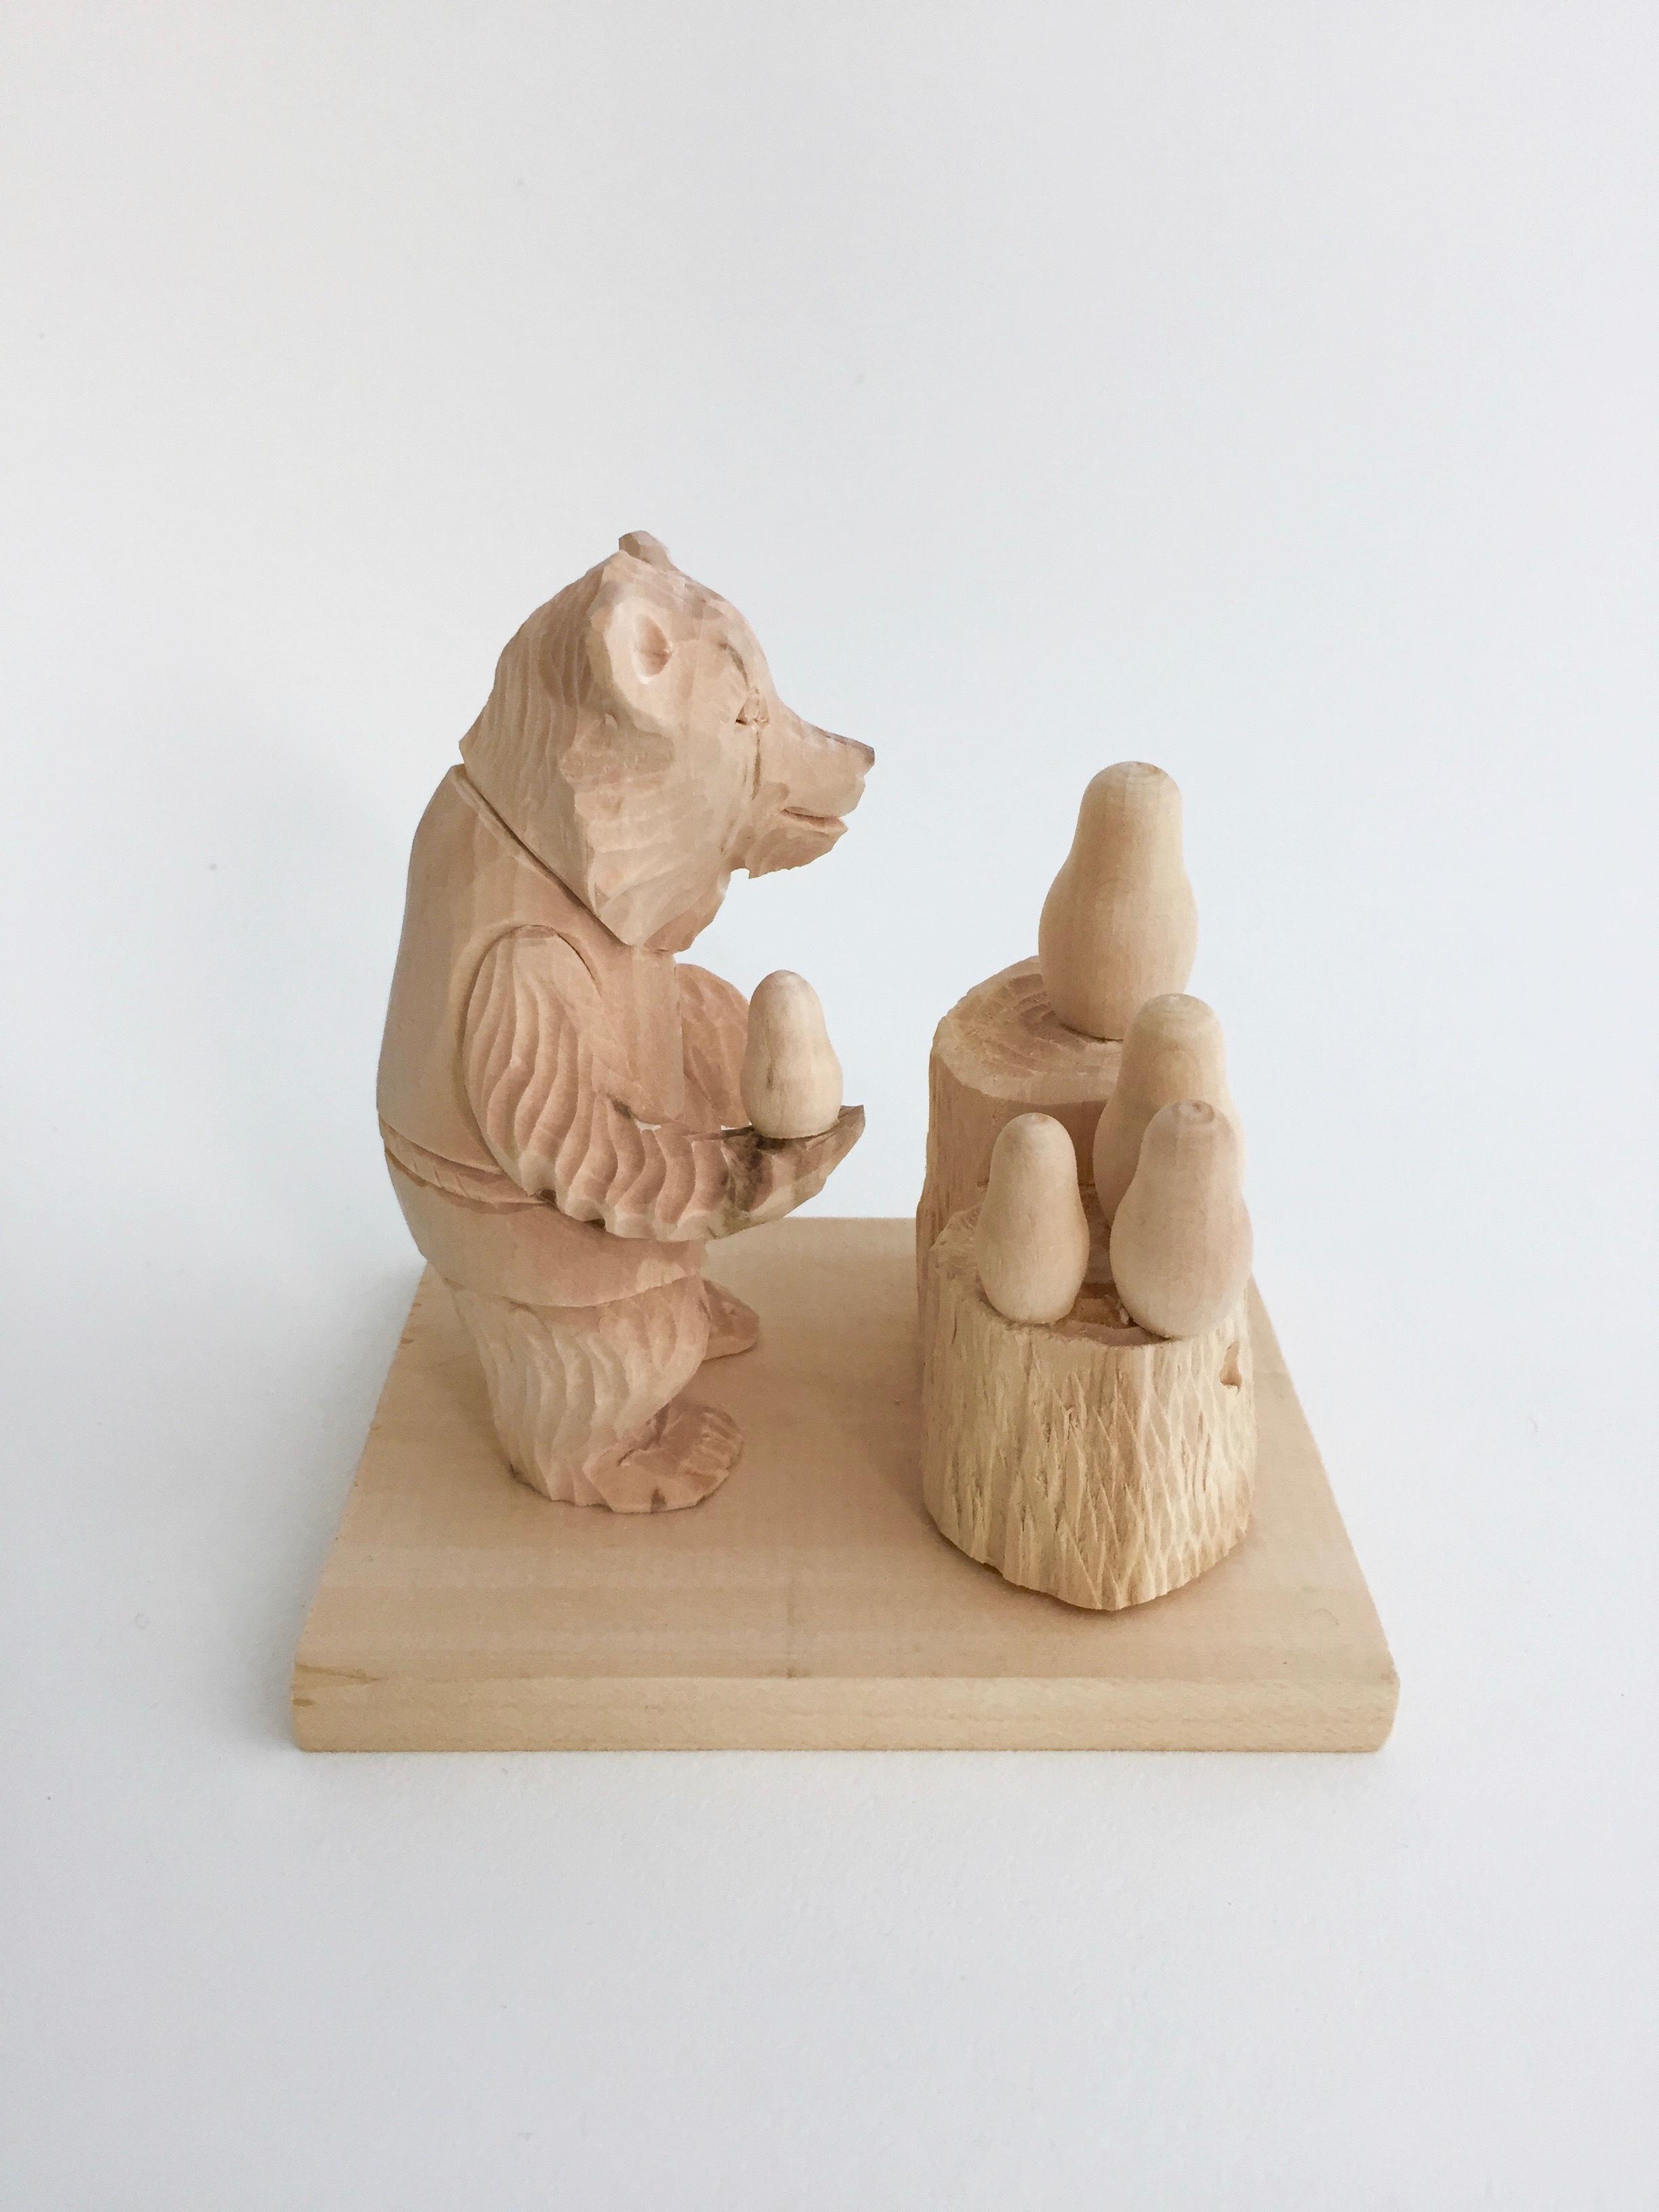 ボゴロツコエ木地玩具「クマのマトリョーシカ売り」※特徴あり!